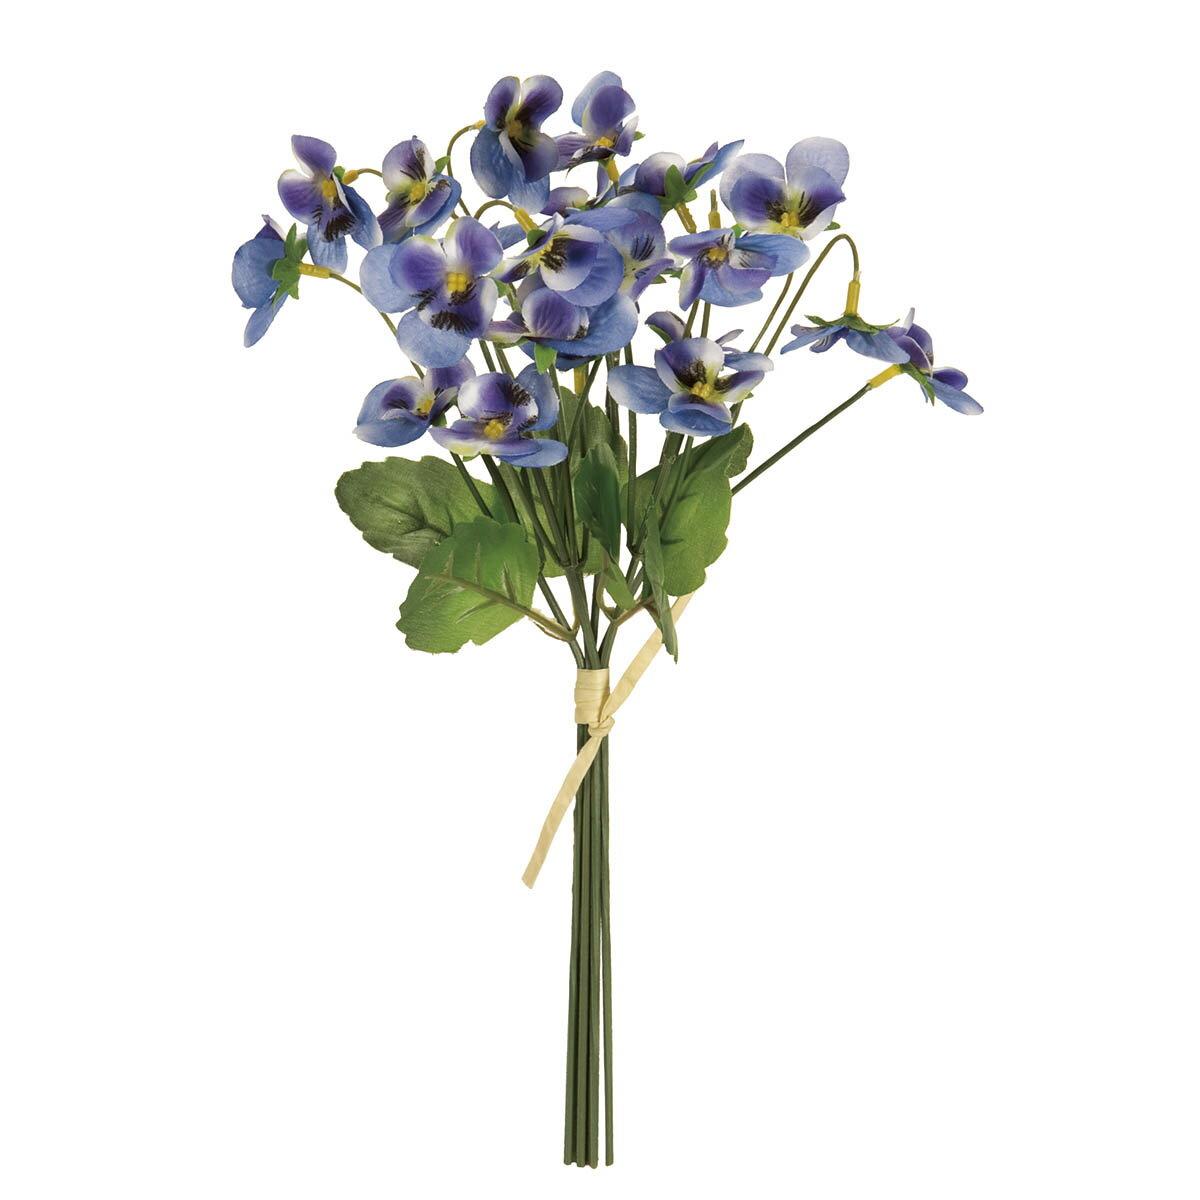 【造花】MAGIQ(東京堂)/カレンパンジーブーケ #5 ブルー/FM008269-005【01】【01】【取寄】《 造花(アーティフィシャルフラワー) 造花 花材「は行」 パンジー 》